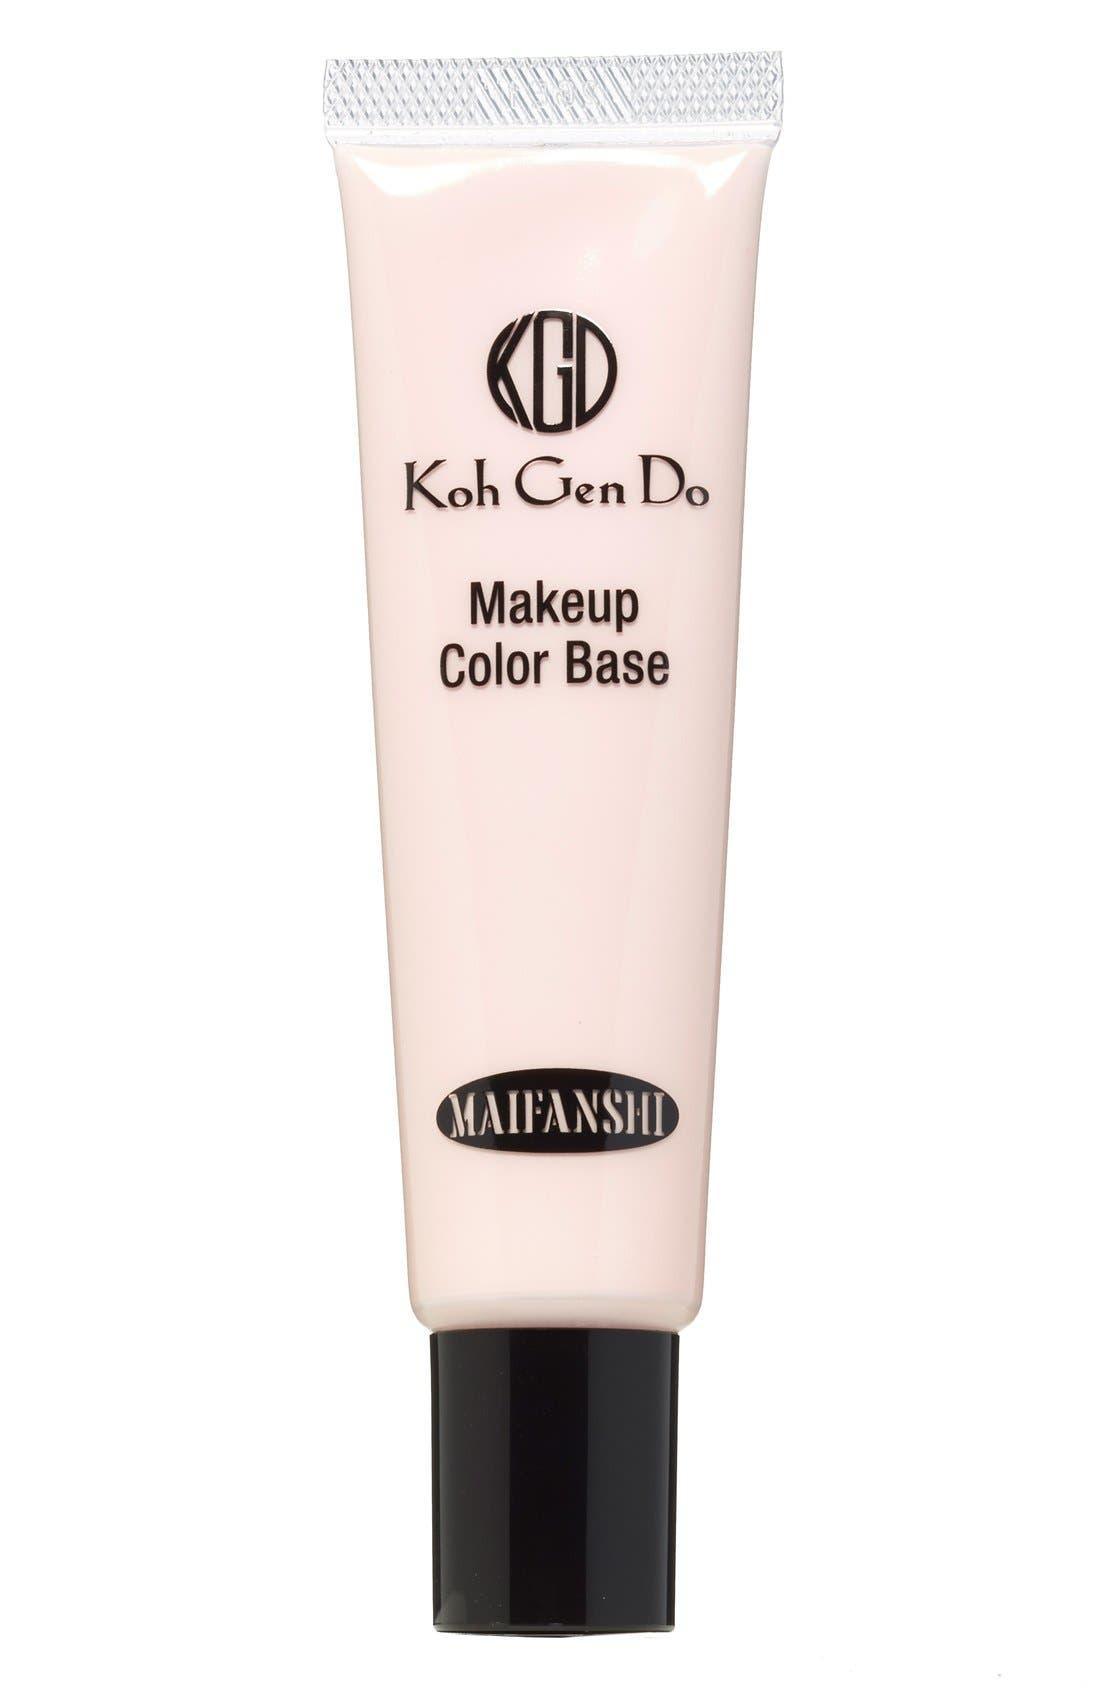 Koh Gen Do 'Maifanshi - Lavender Pink' Makeup Color Base